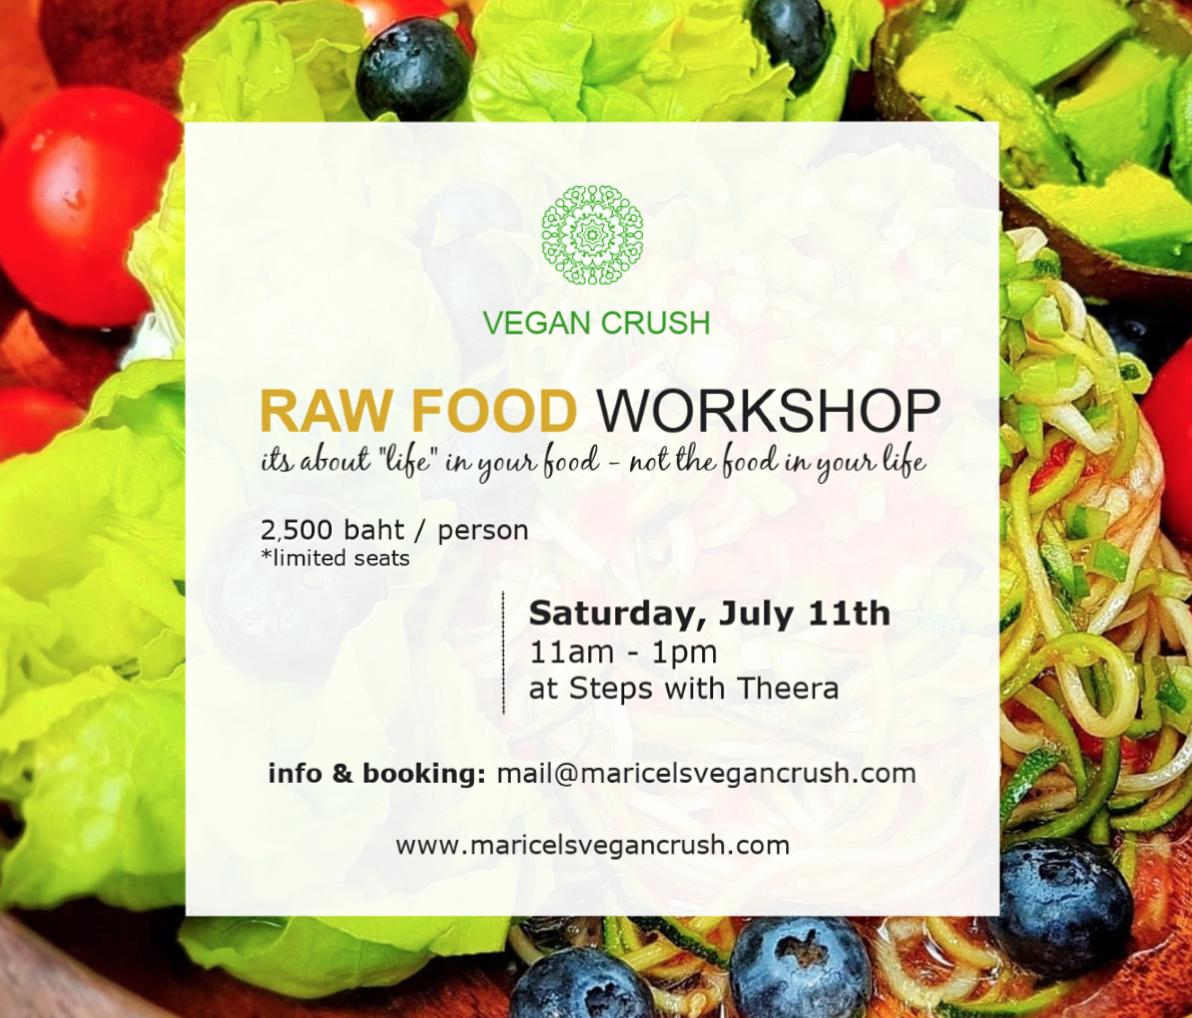 Raw vegan cooking workshop bangkok, thailand